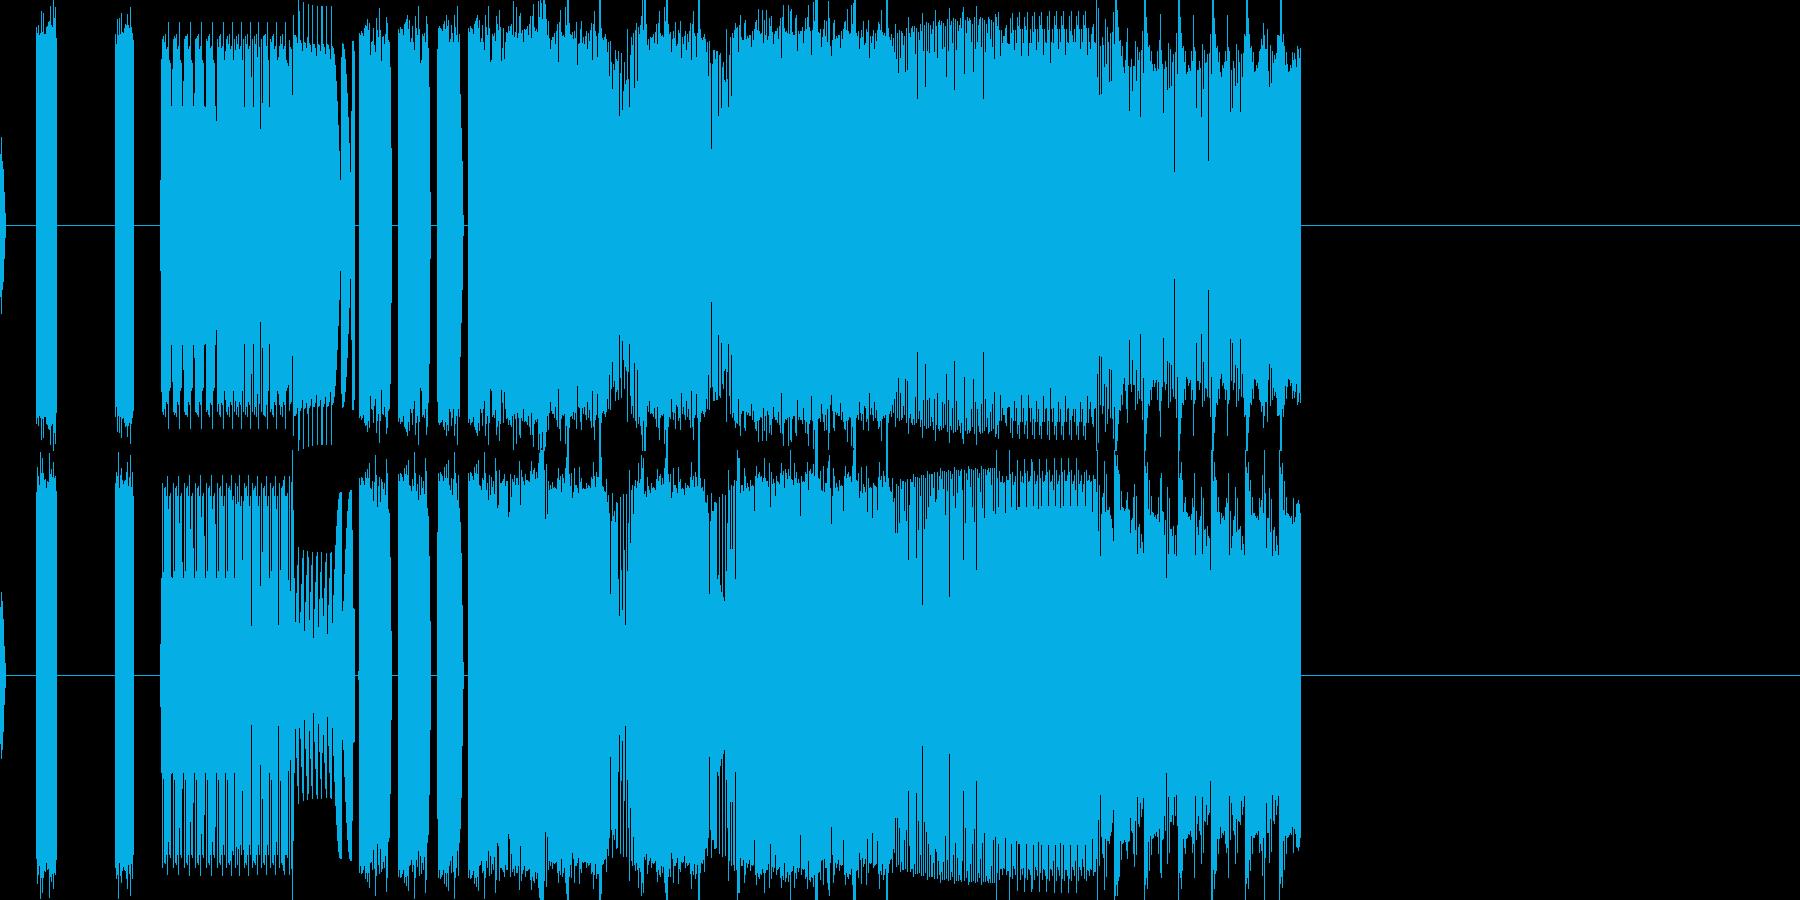 バグ bug 音 (pc AI 機械)の再生済みの波形